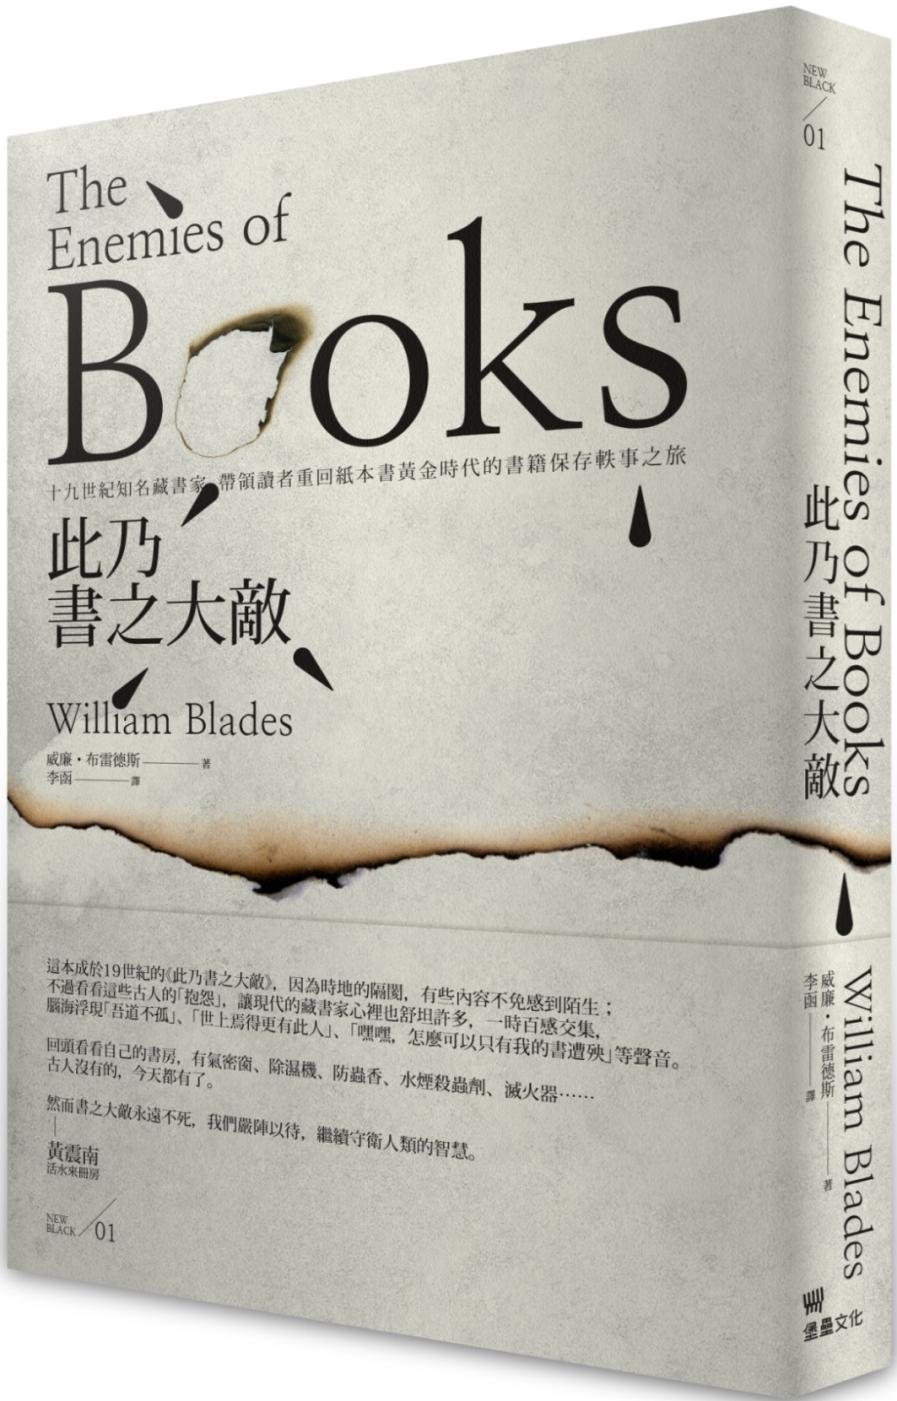 此乃書之大敵: 十九世紀知名藏書家,帶領讀者重回紙本書黃金時代的書籍保存軼事之旅。